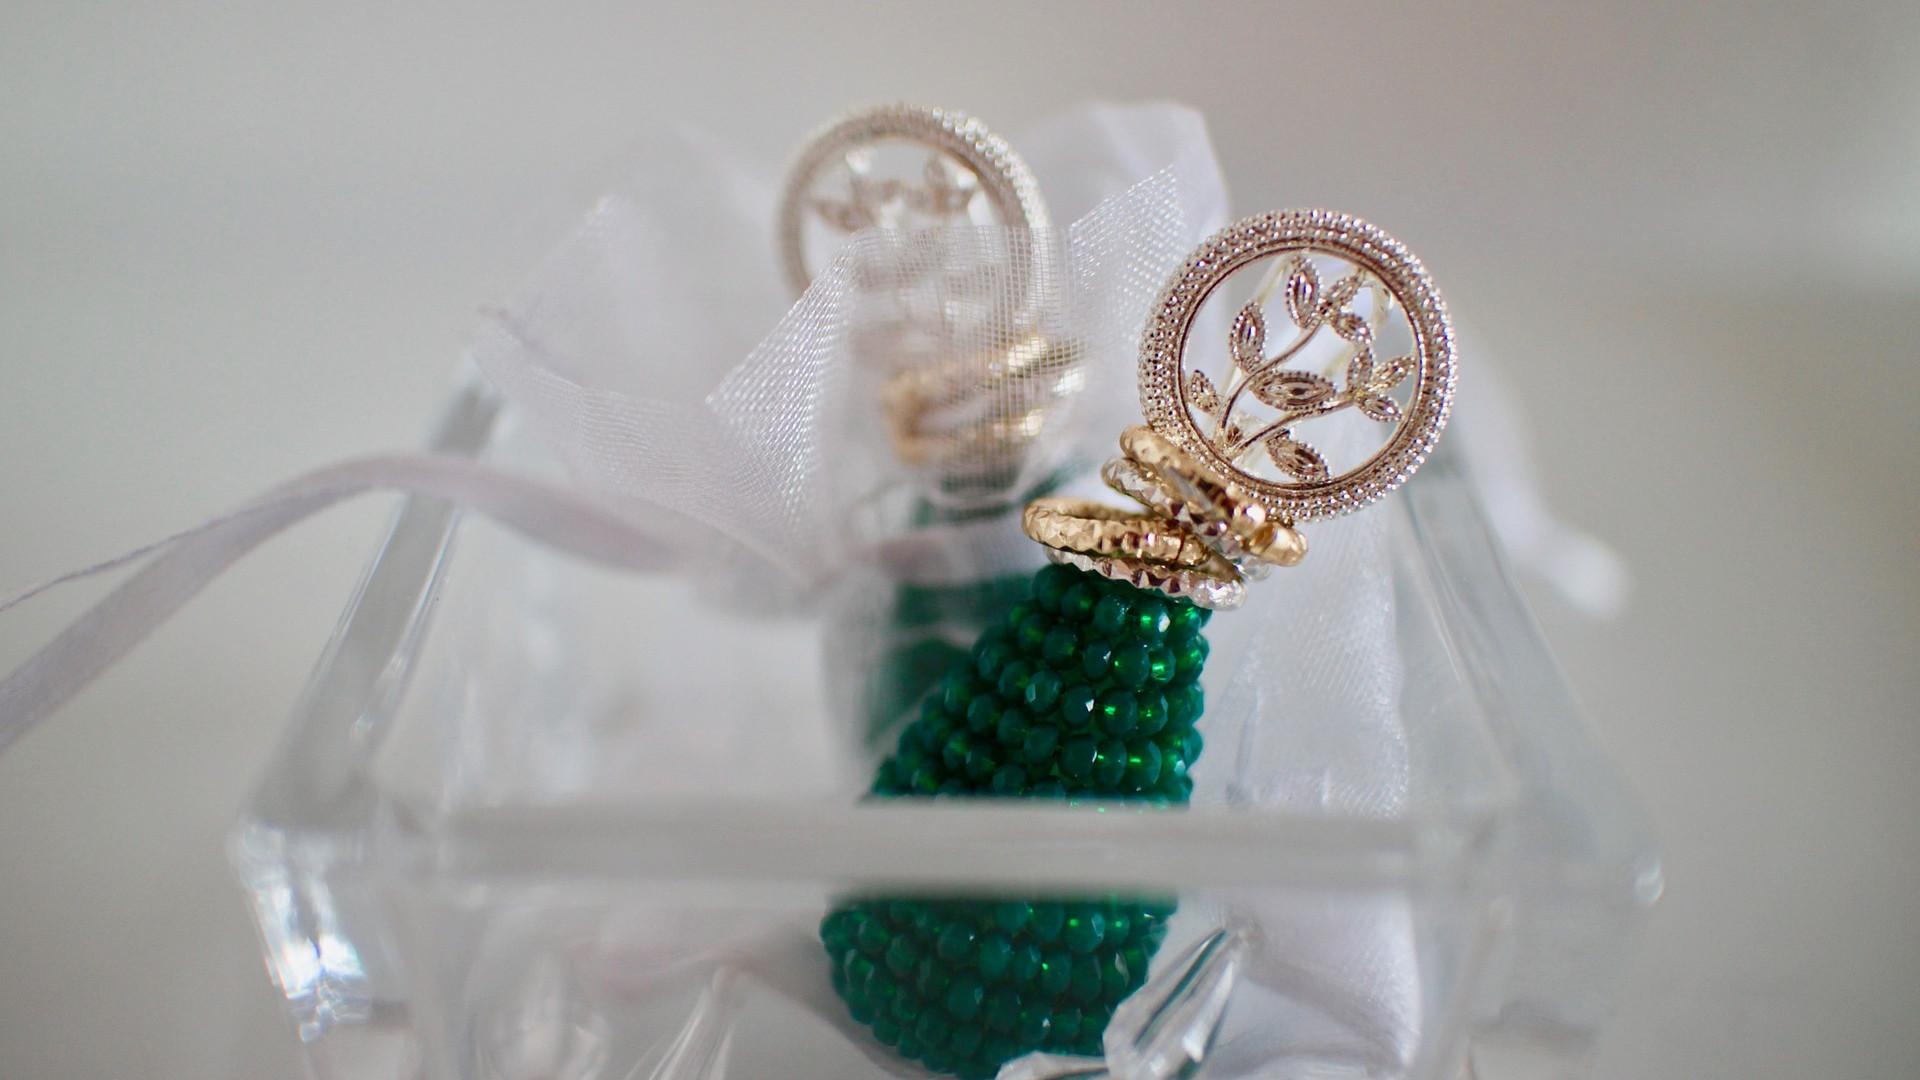 Quel bijou choisir pour les fêtes de fin d'année ?